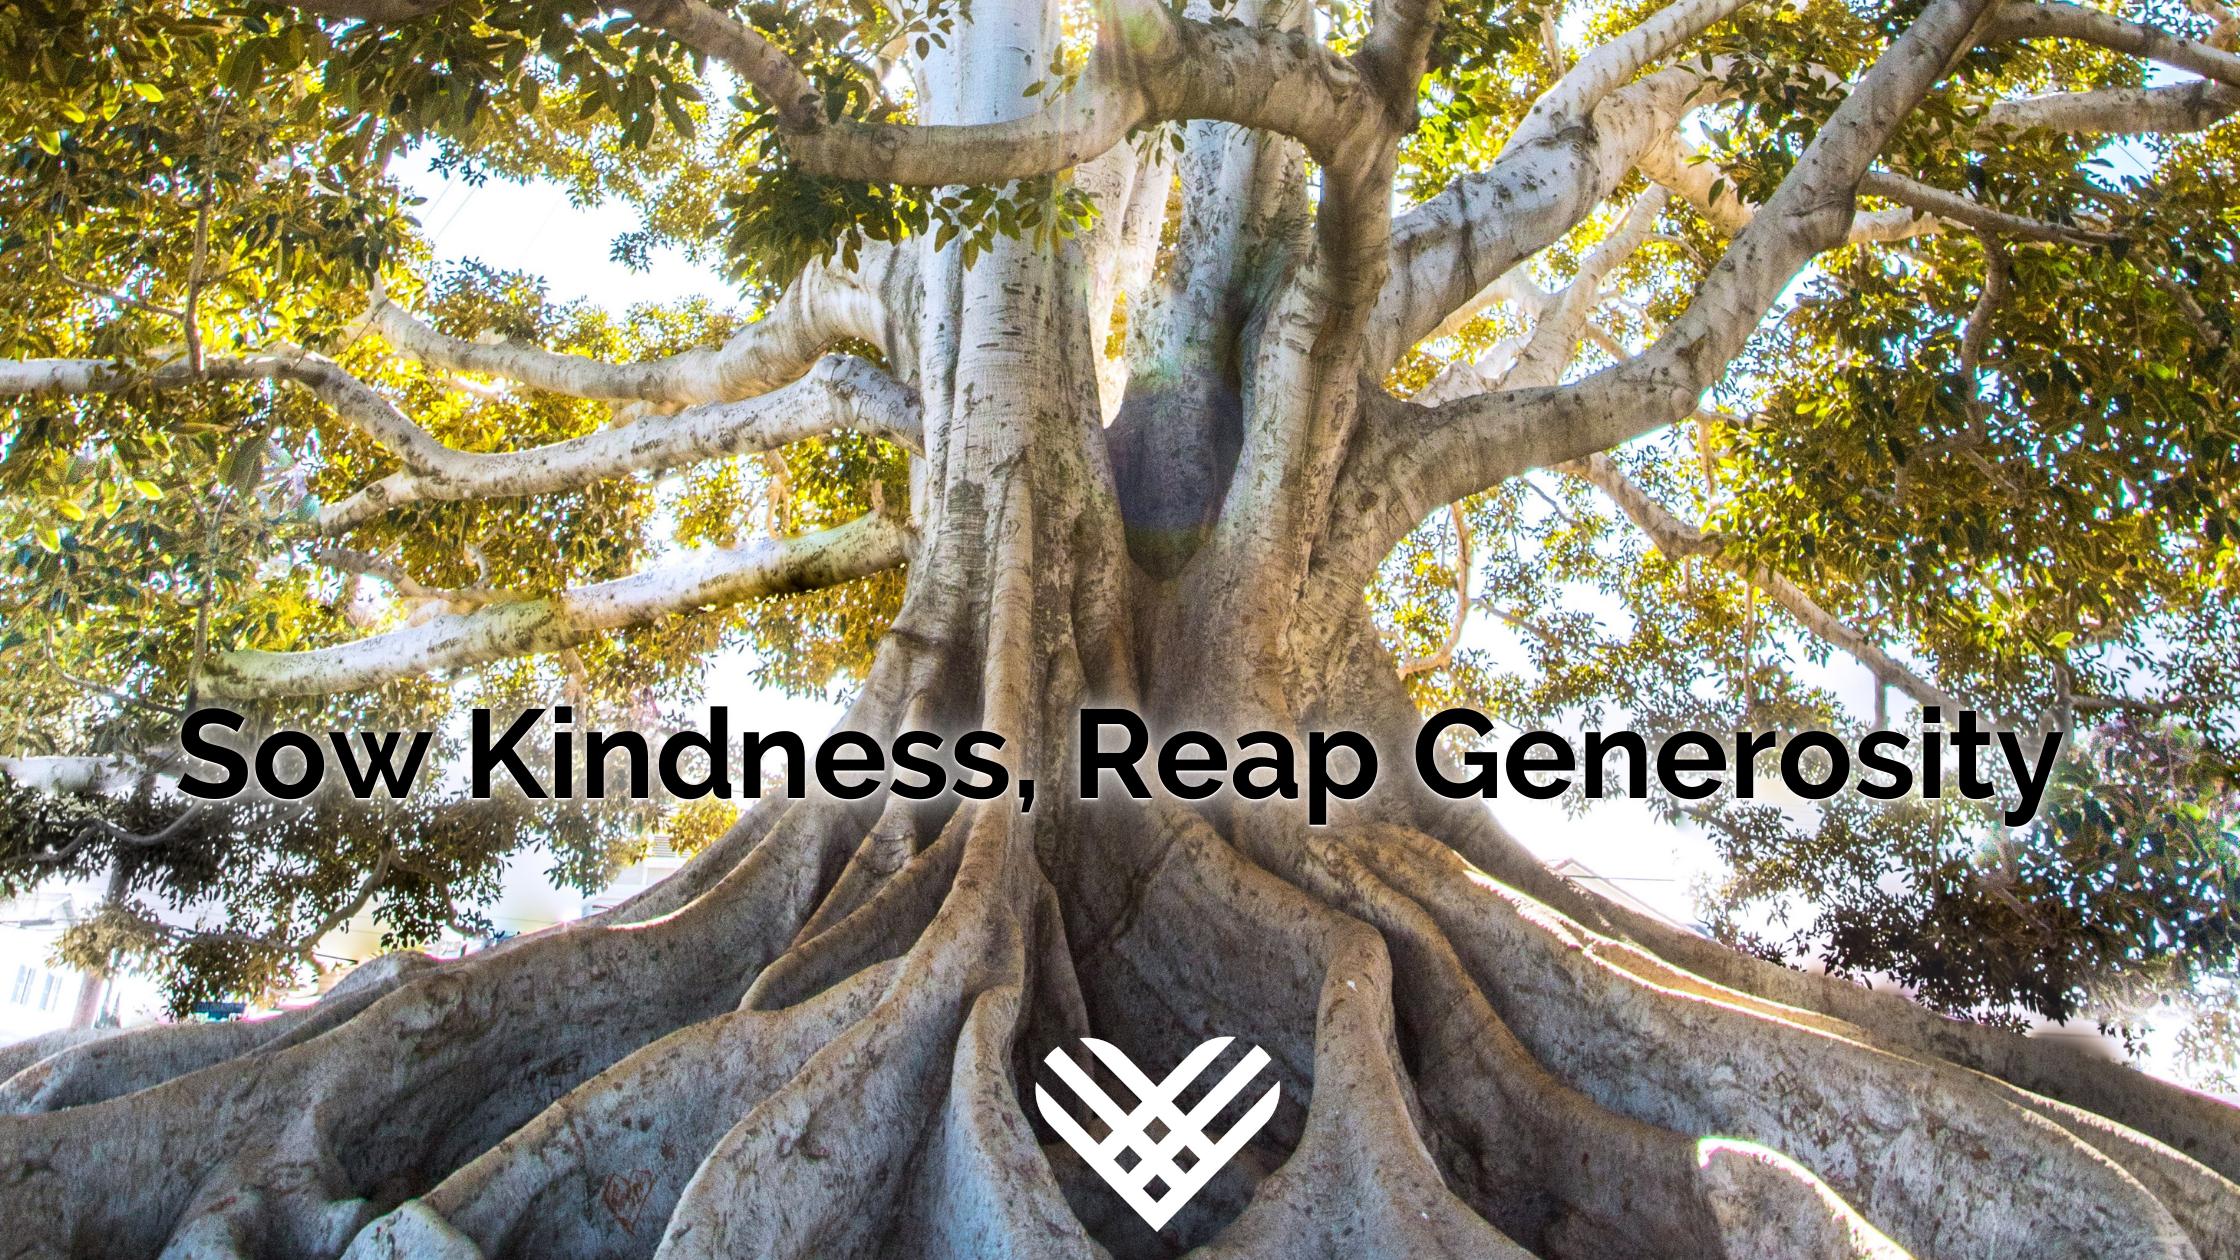 Sow Kindness, Reap Generosity